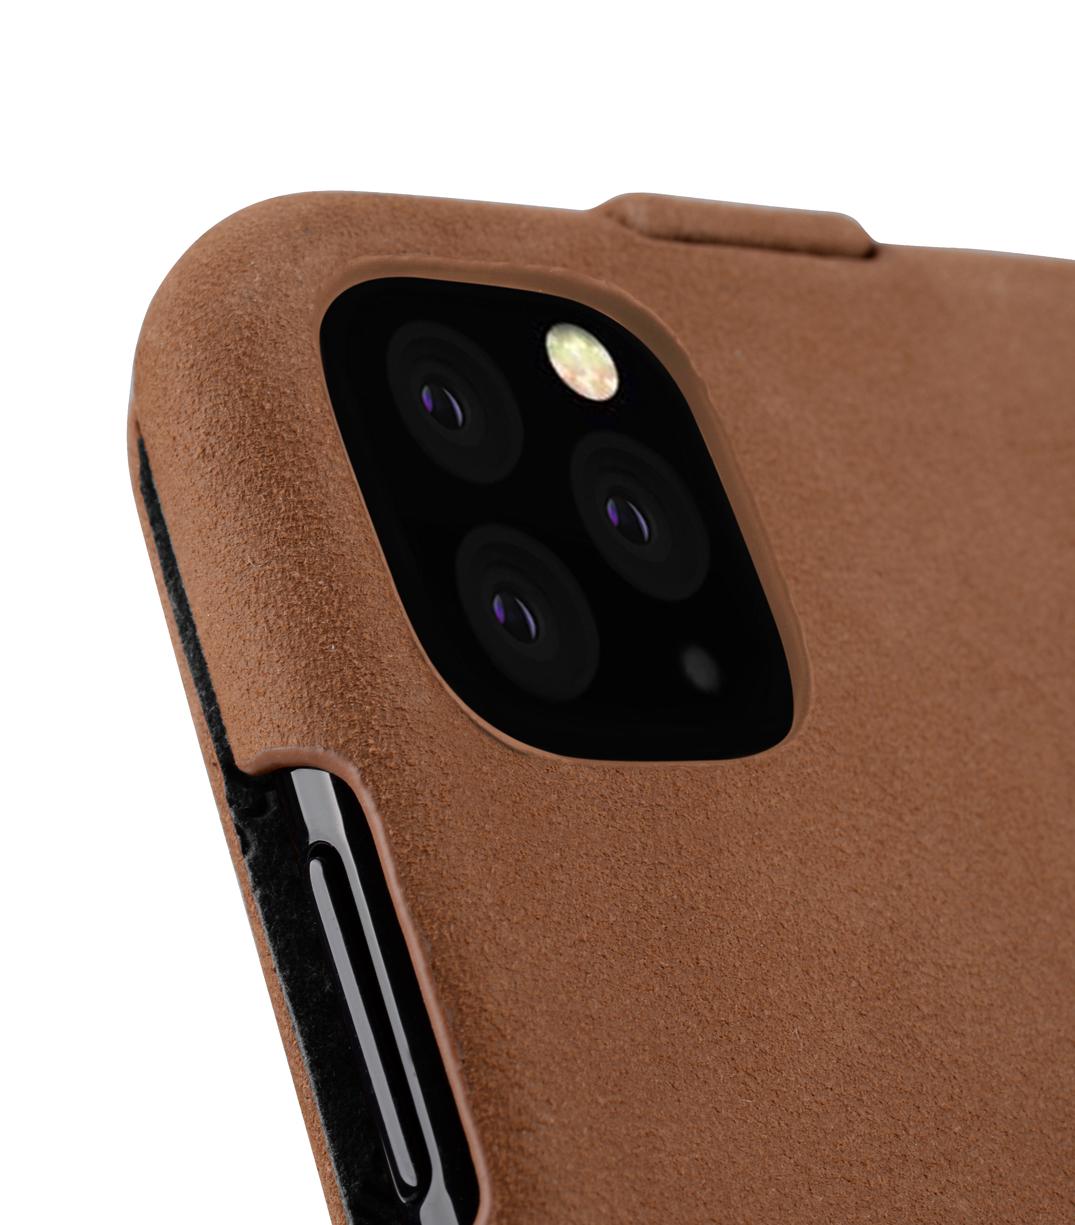 iPhone 11 (6.1インチ) (2019)  【 Melkco】 プレミアム ヌバック レザーケース 本革 ハンドメイド 磁石不使用 フリップタイプ (縦開き)  【 クラシック・ビンテージ・ブラウン 】